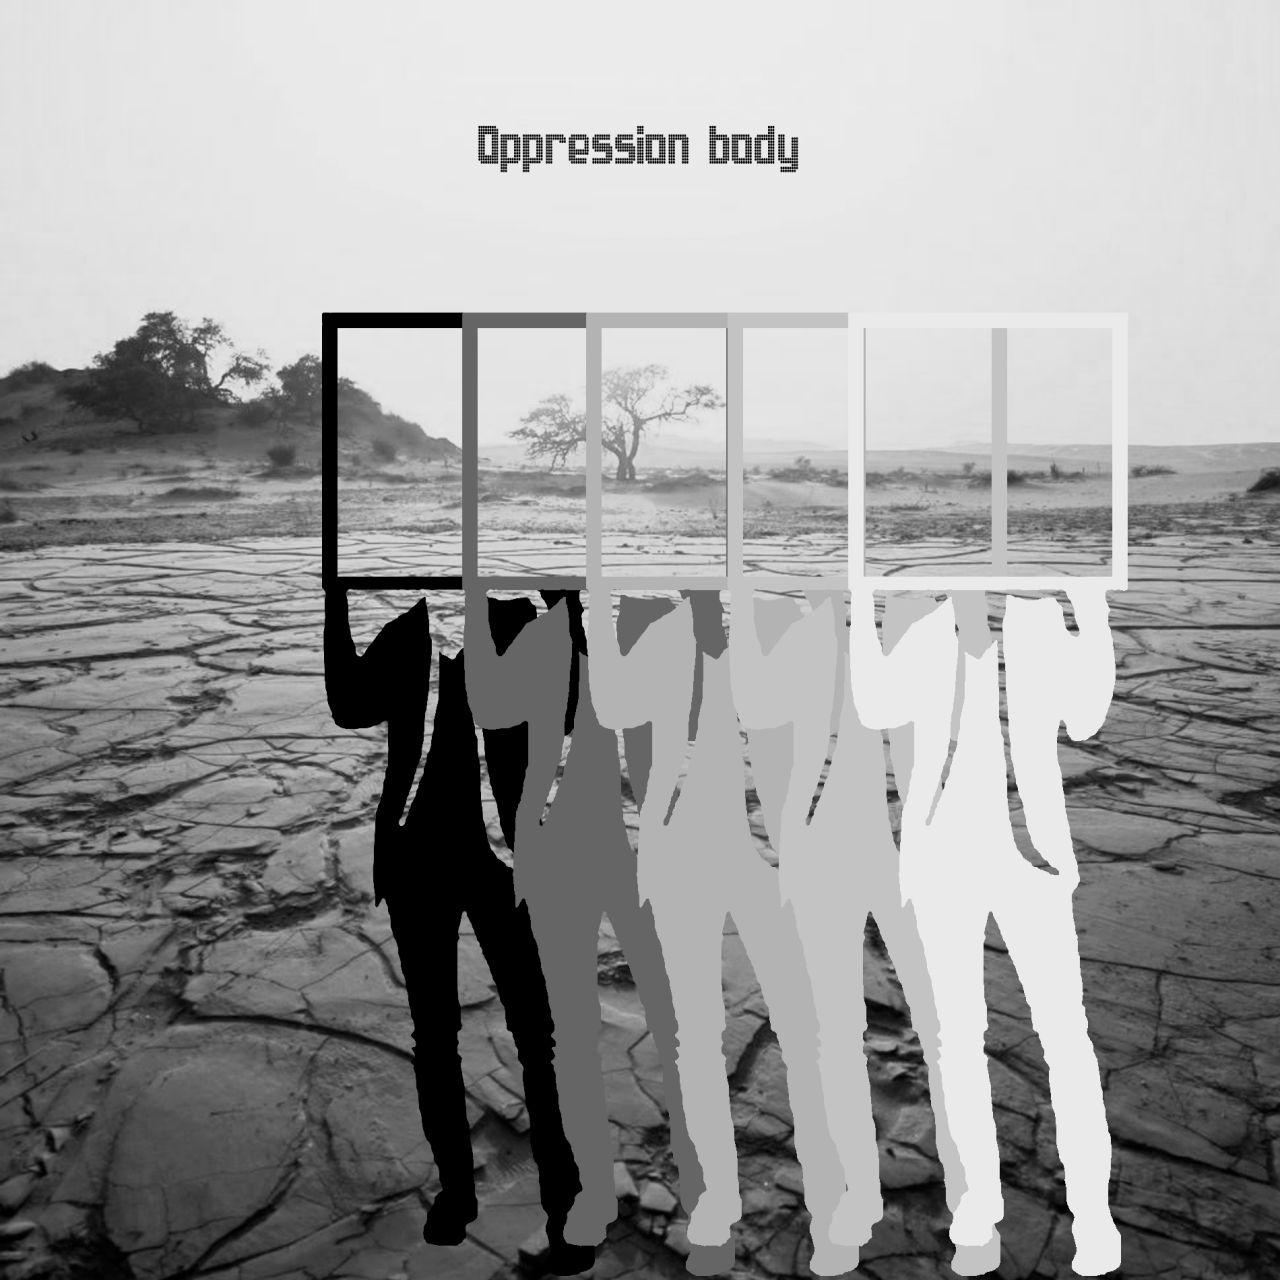 Oppression body